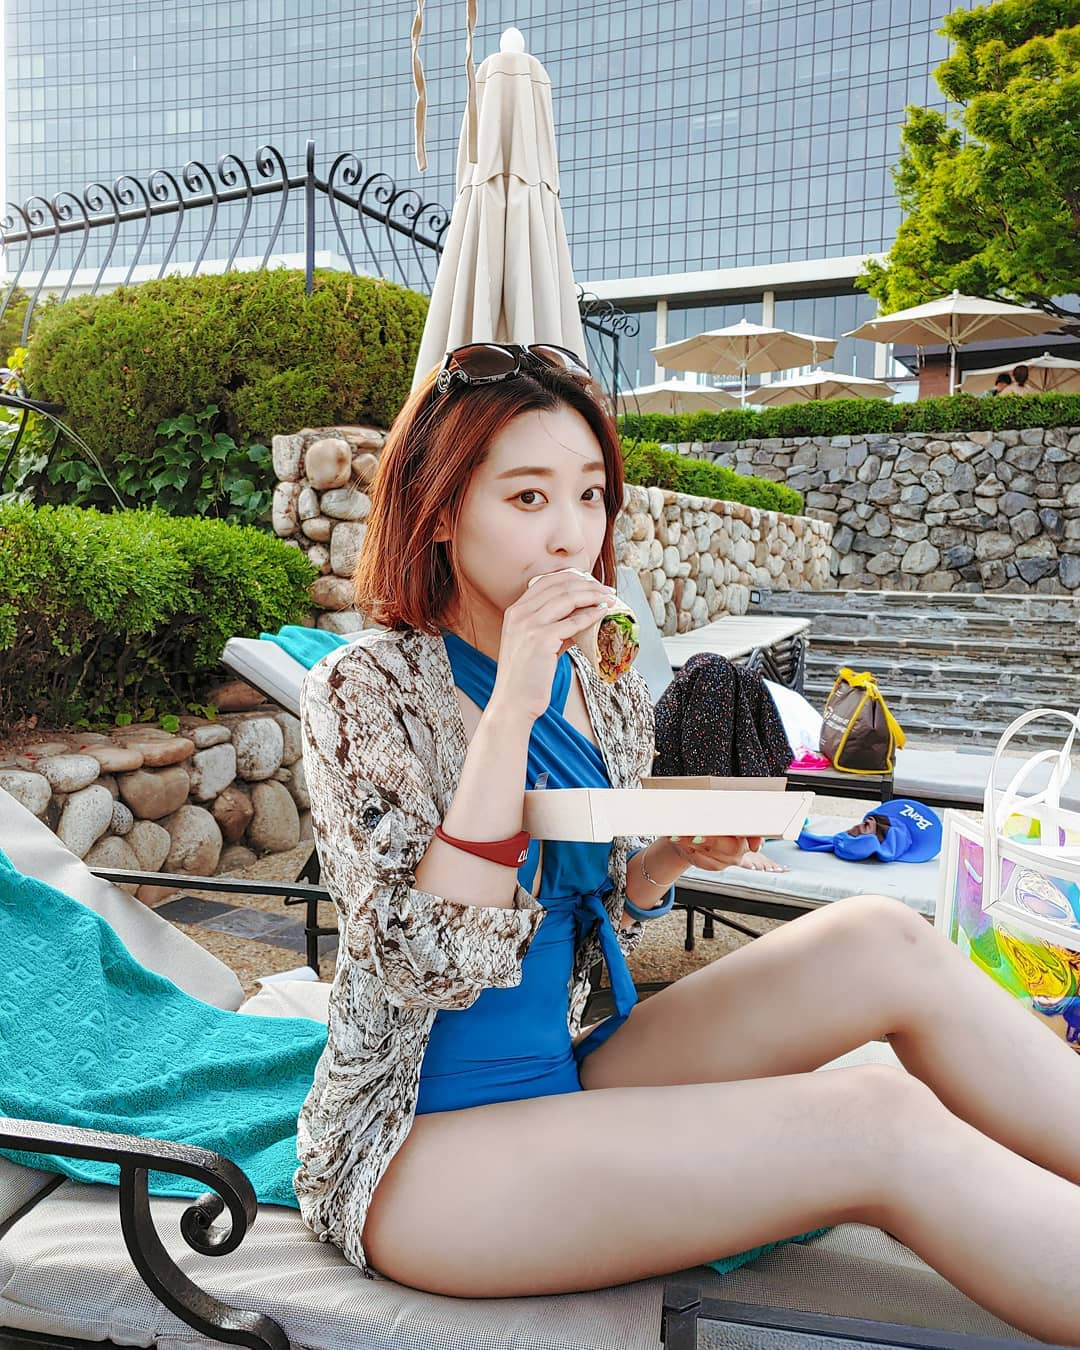 khach-san-5-sao-o-seoul-1